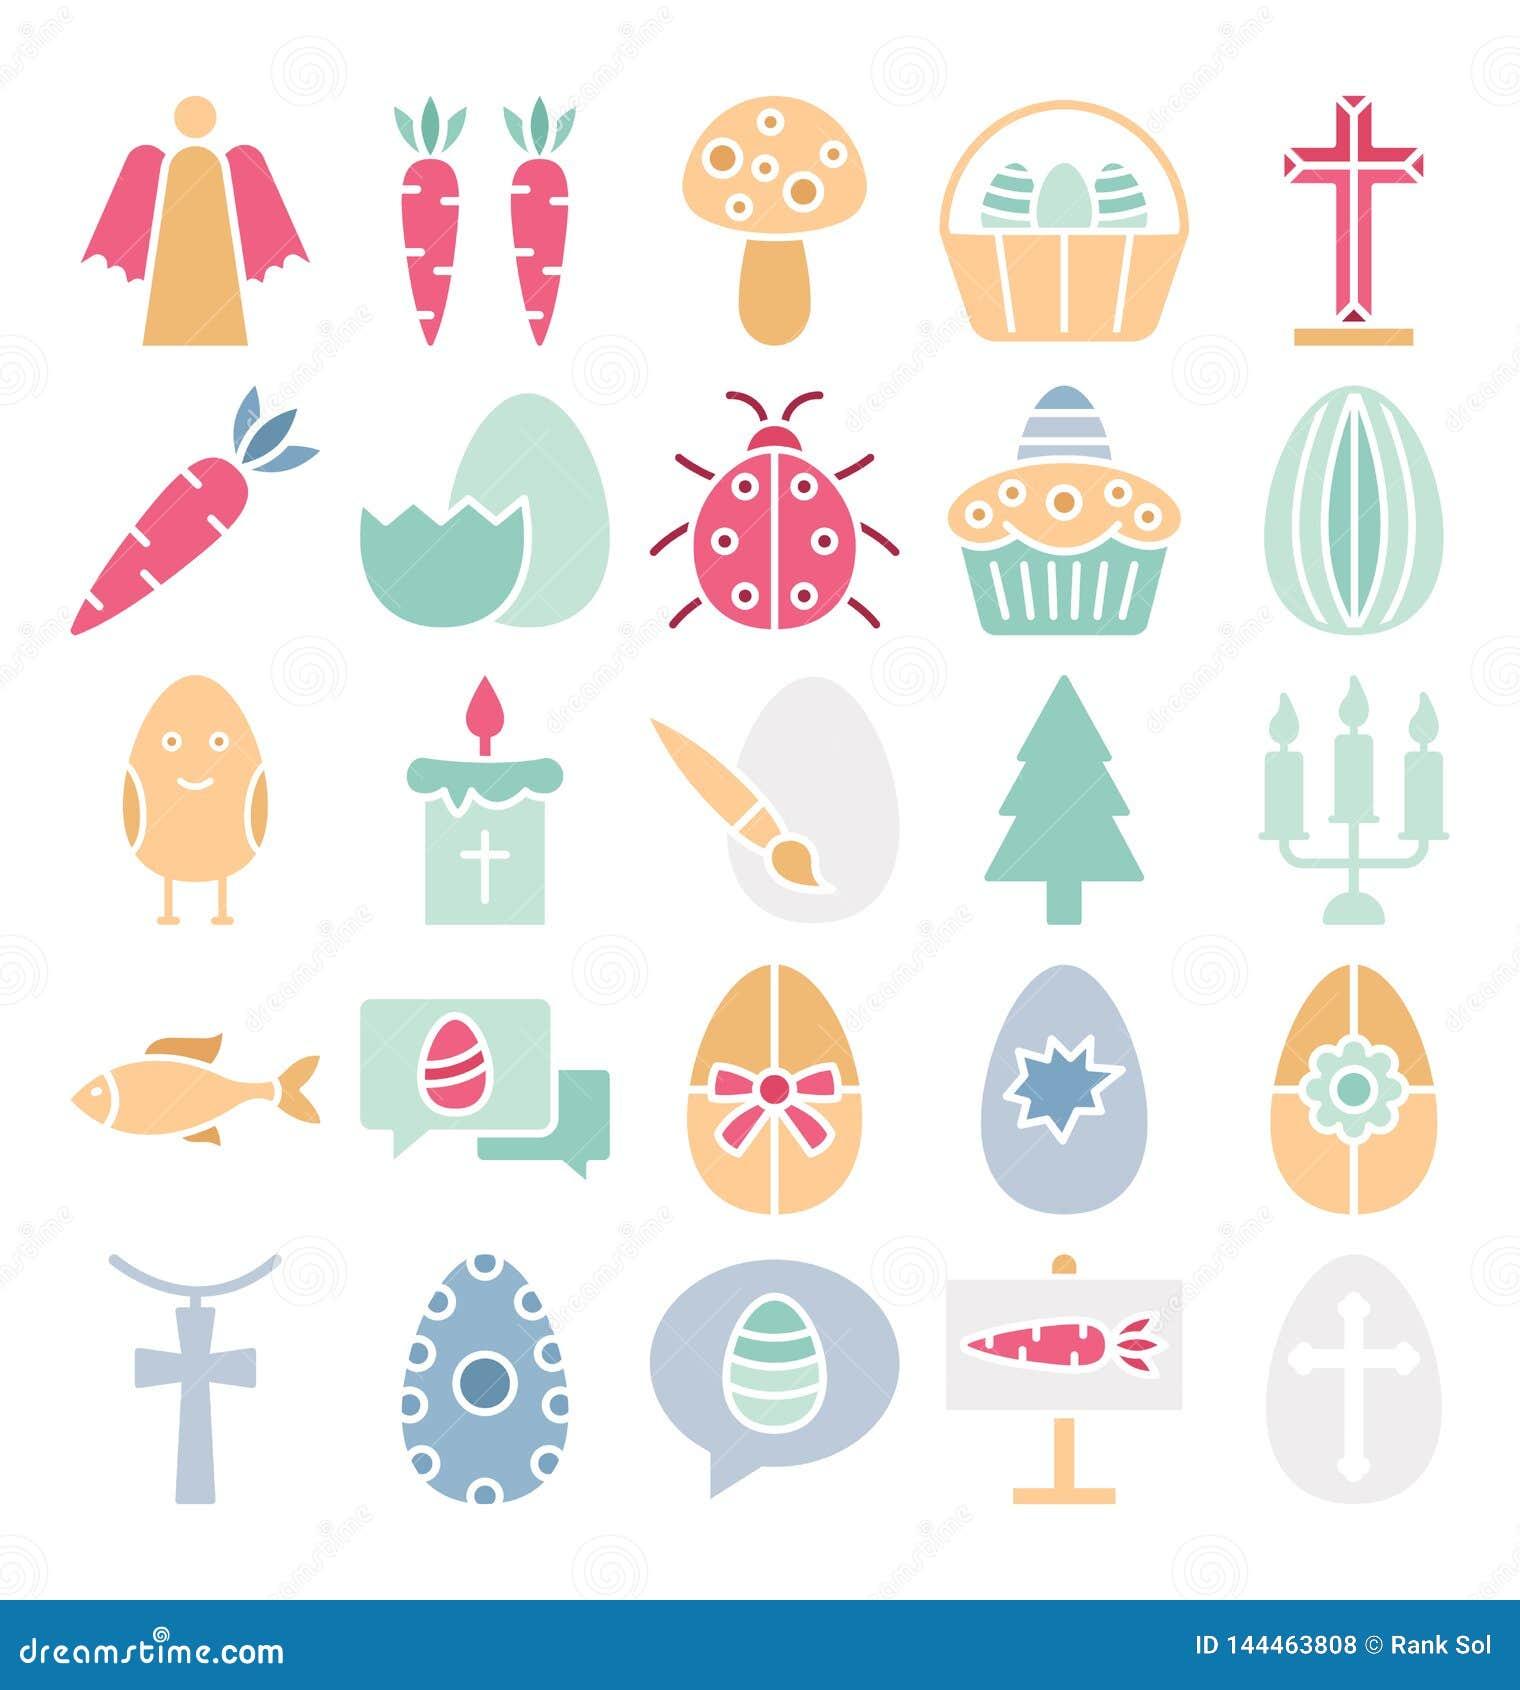 Ο εορτασμός Πάσχας απομόνωσε τα διανυσματικά εικονίδια καθορισμένα που μπορούν να τροποποιηθούν εύκολα ή να εκδώσουν